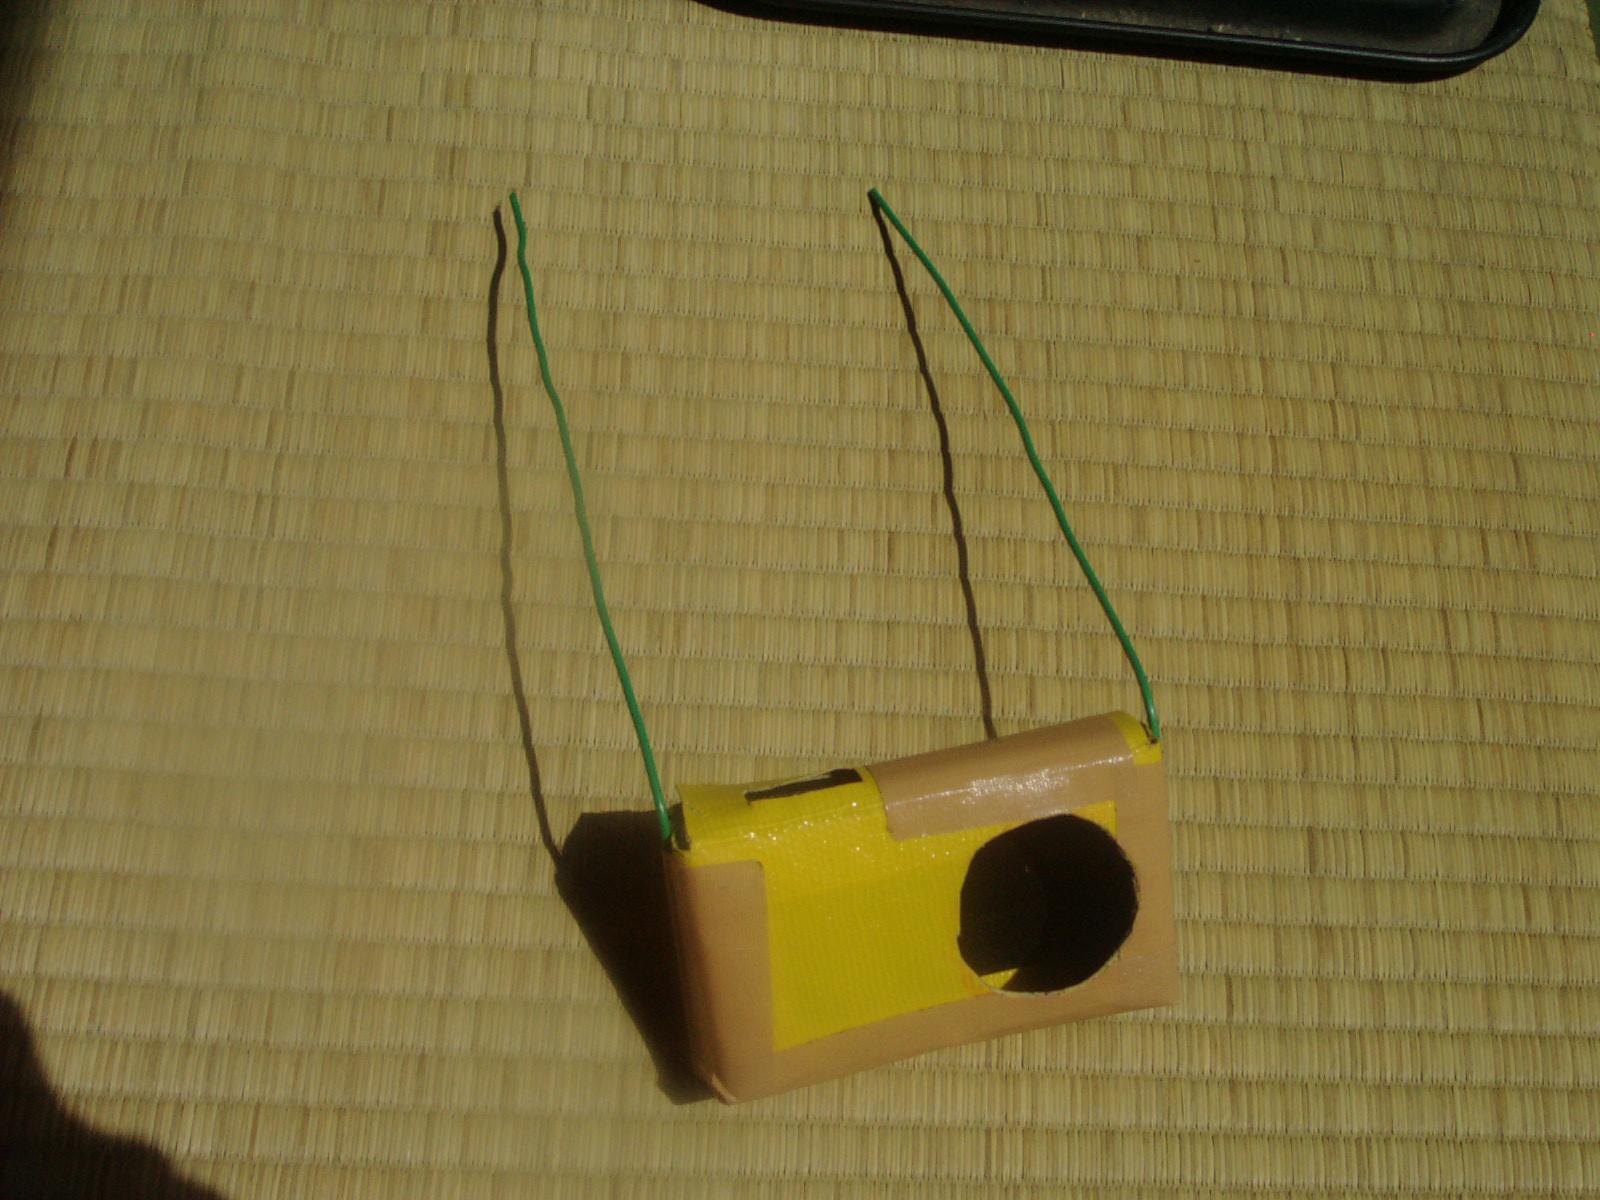 粘着テープで手作りのソフトケース :: 86_2.jpg  : 772 KB